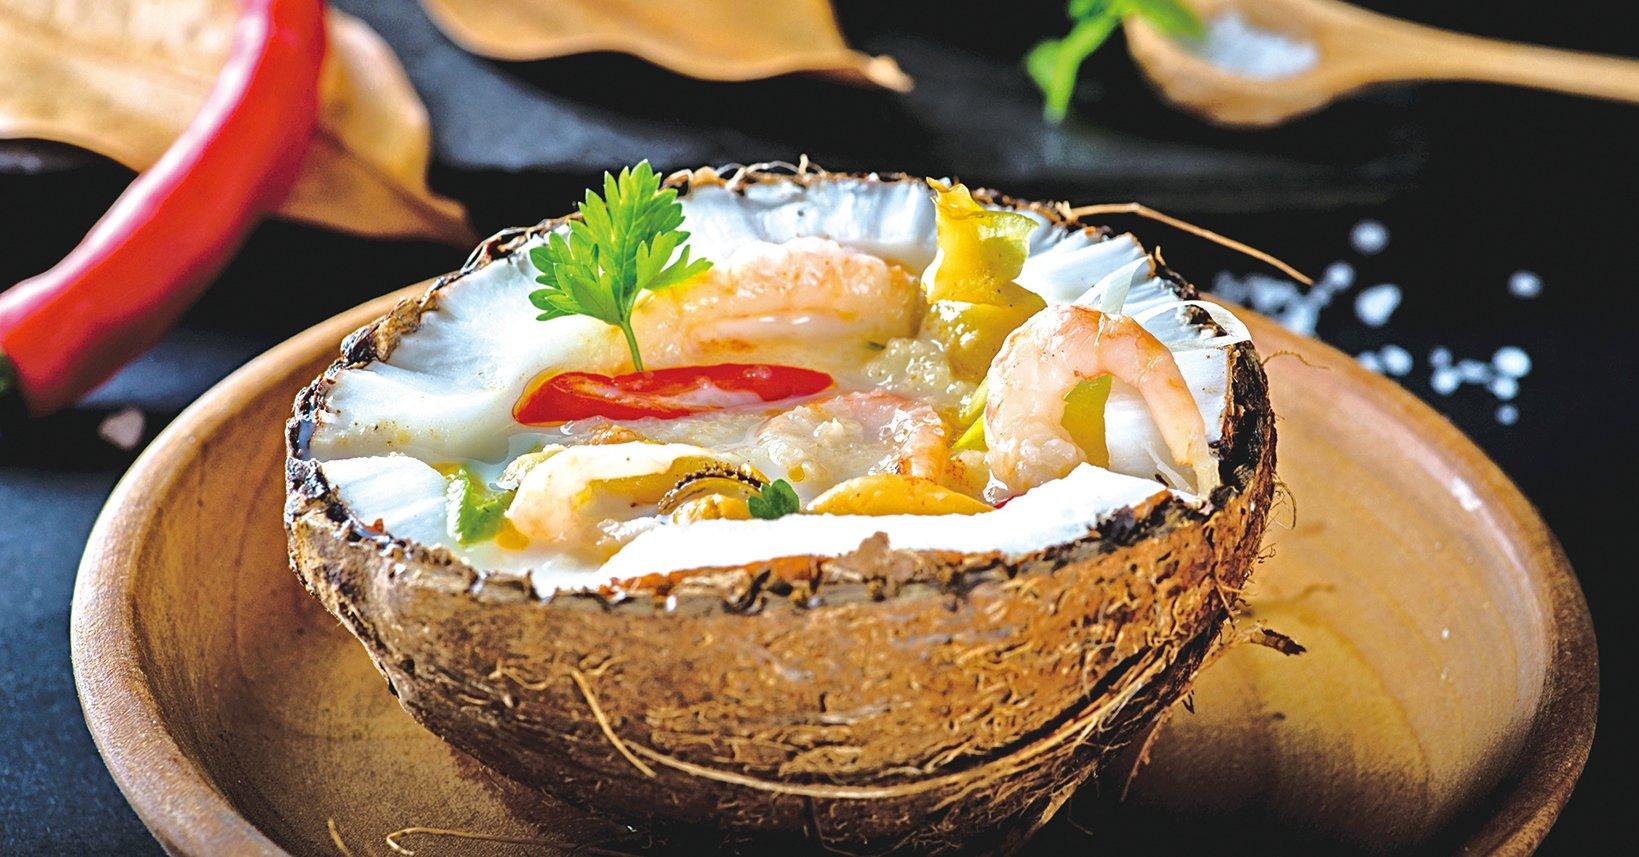 在東南亞國家,用椰子入菜十分常見。